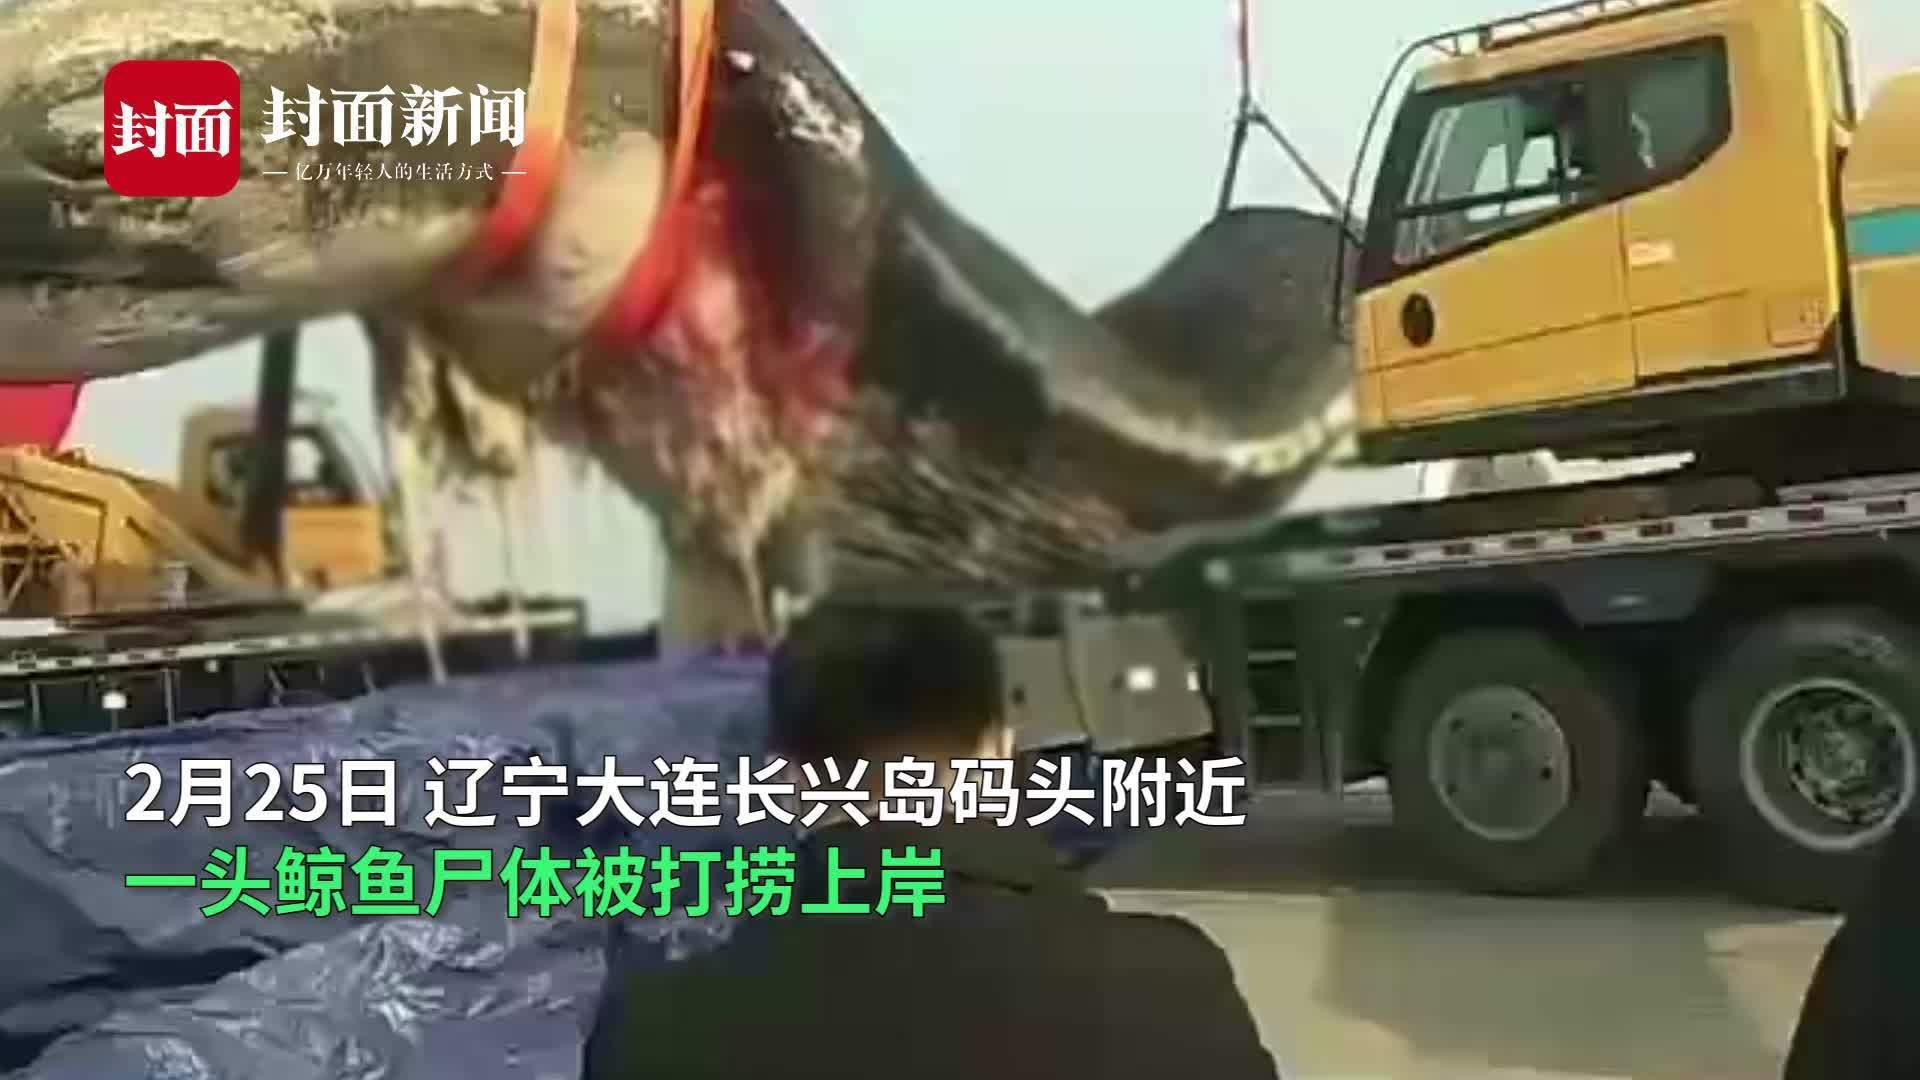 大连长兴岛惊现18米长鲸鱼 死亡多日尸体腐烂被打捞上岸